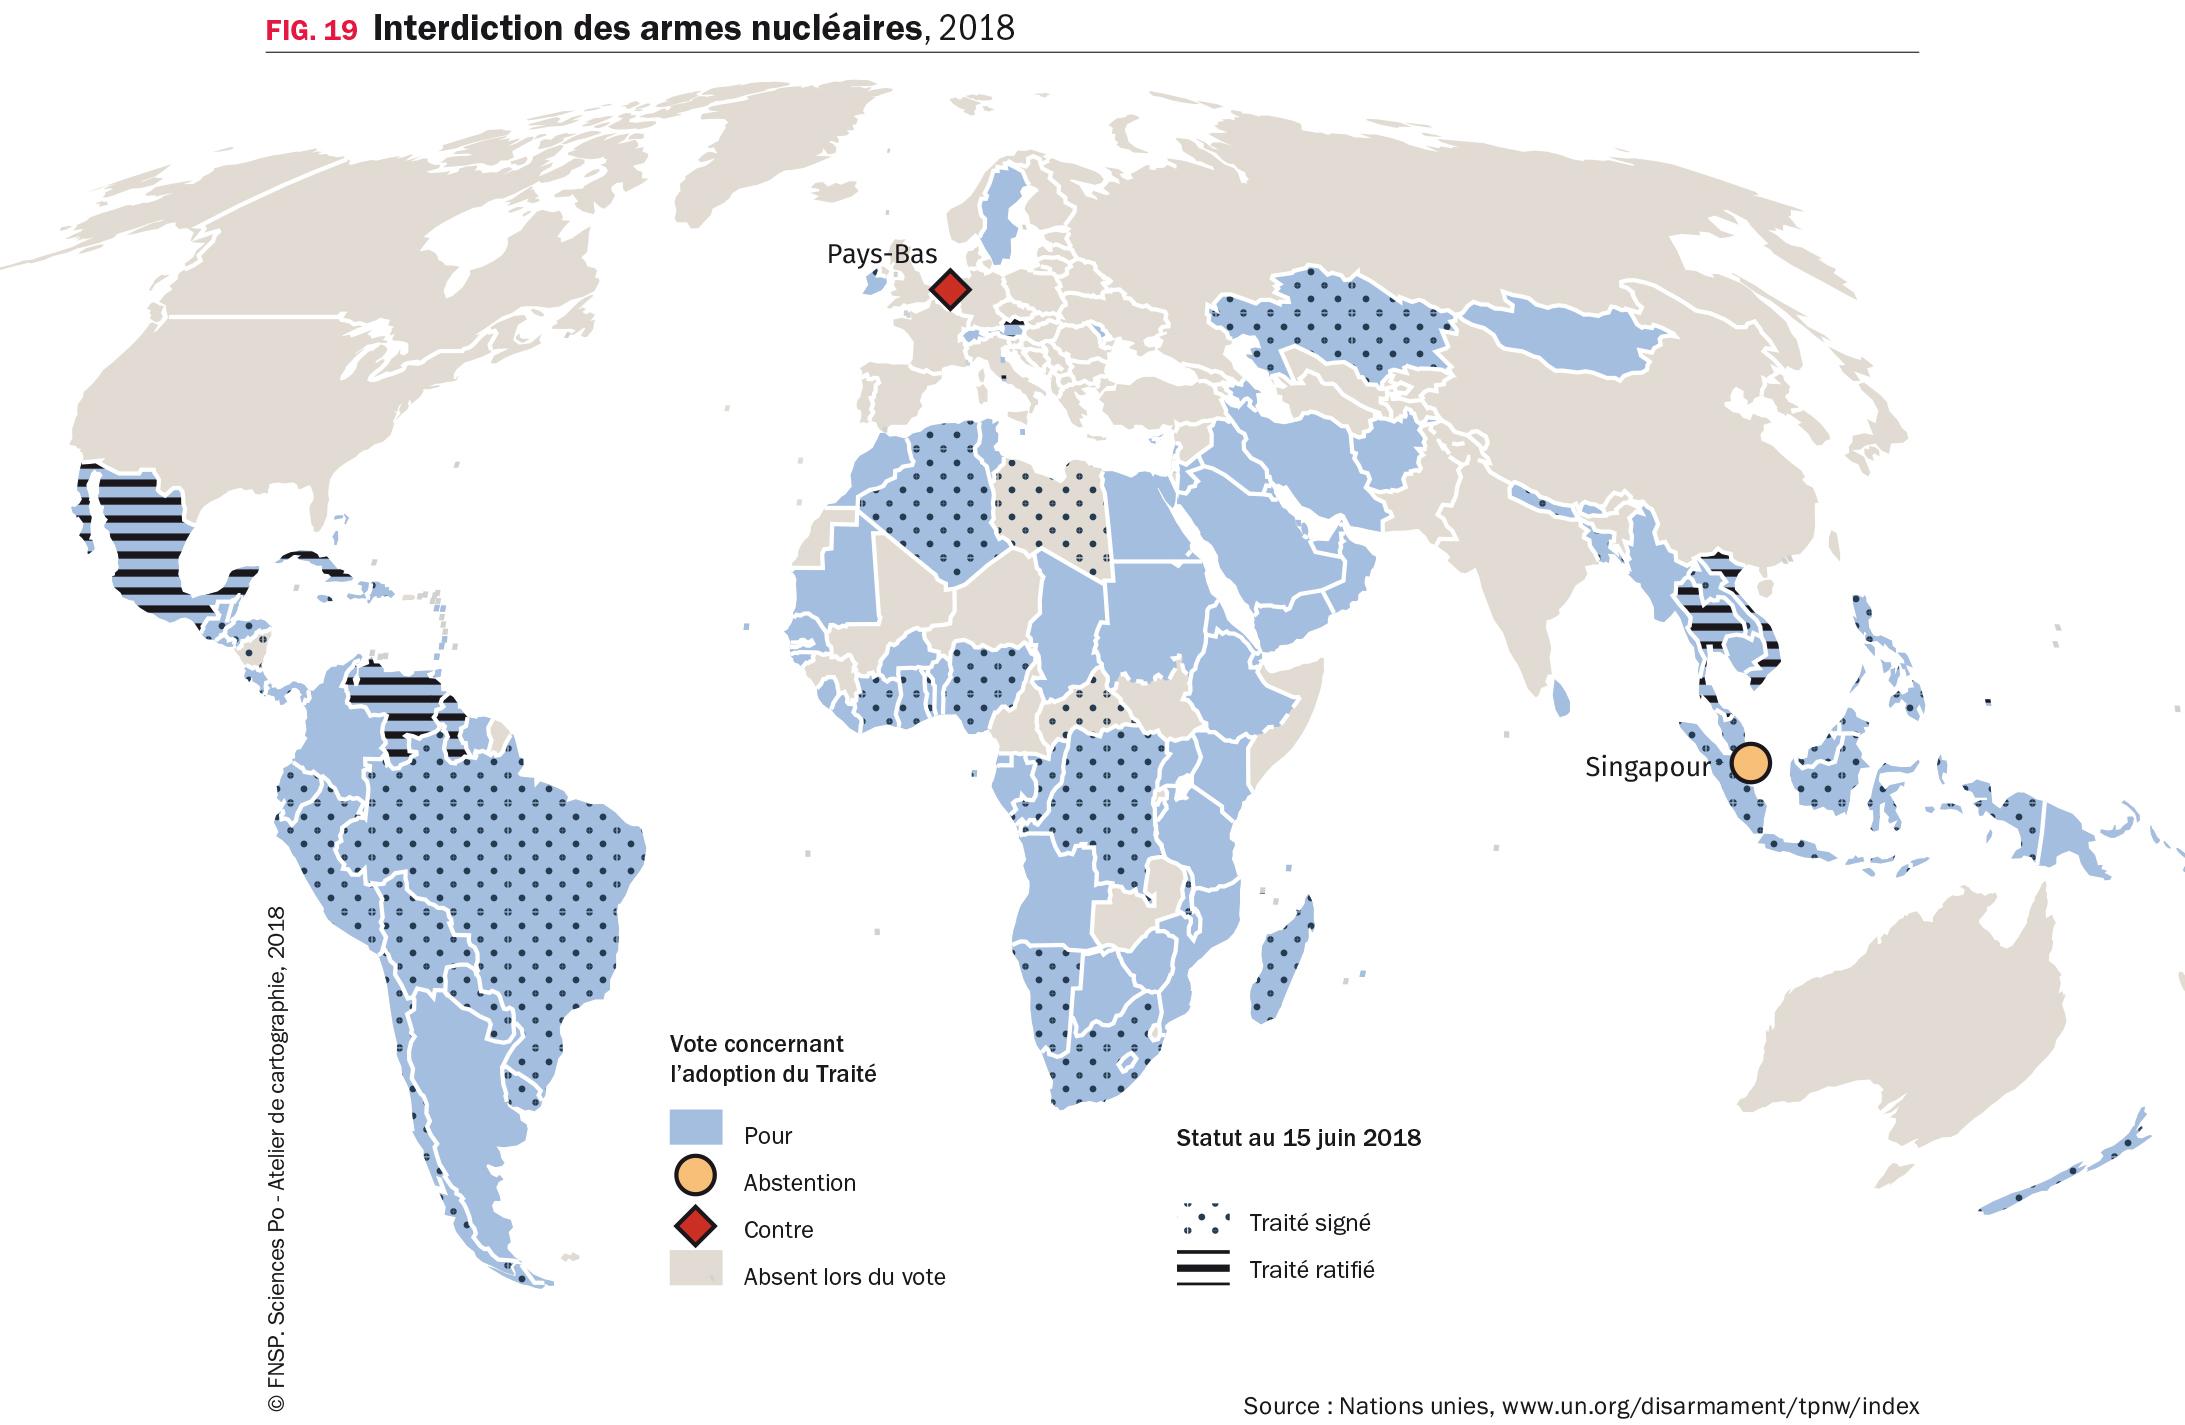 Interdiction des armes nucléaires, 2018